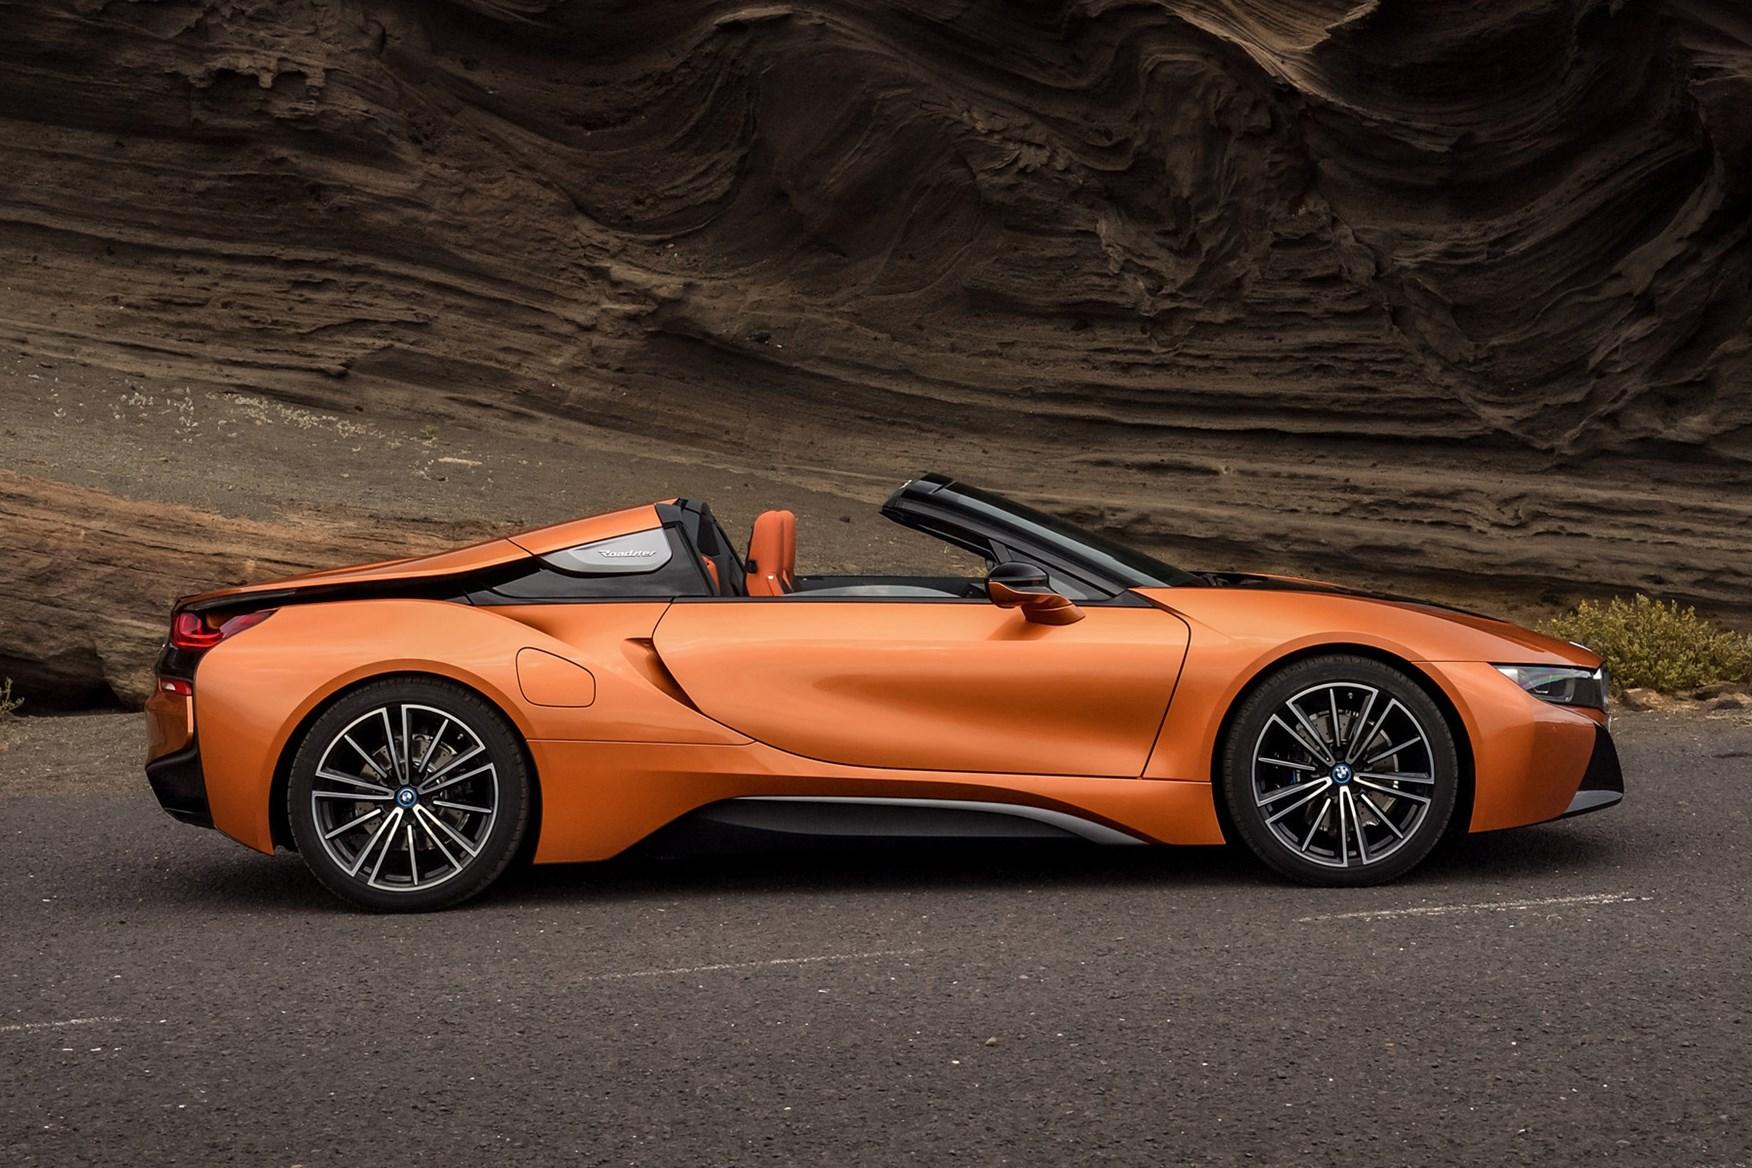 Copper 2019 BMW i8 Roadster side elevation driving